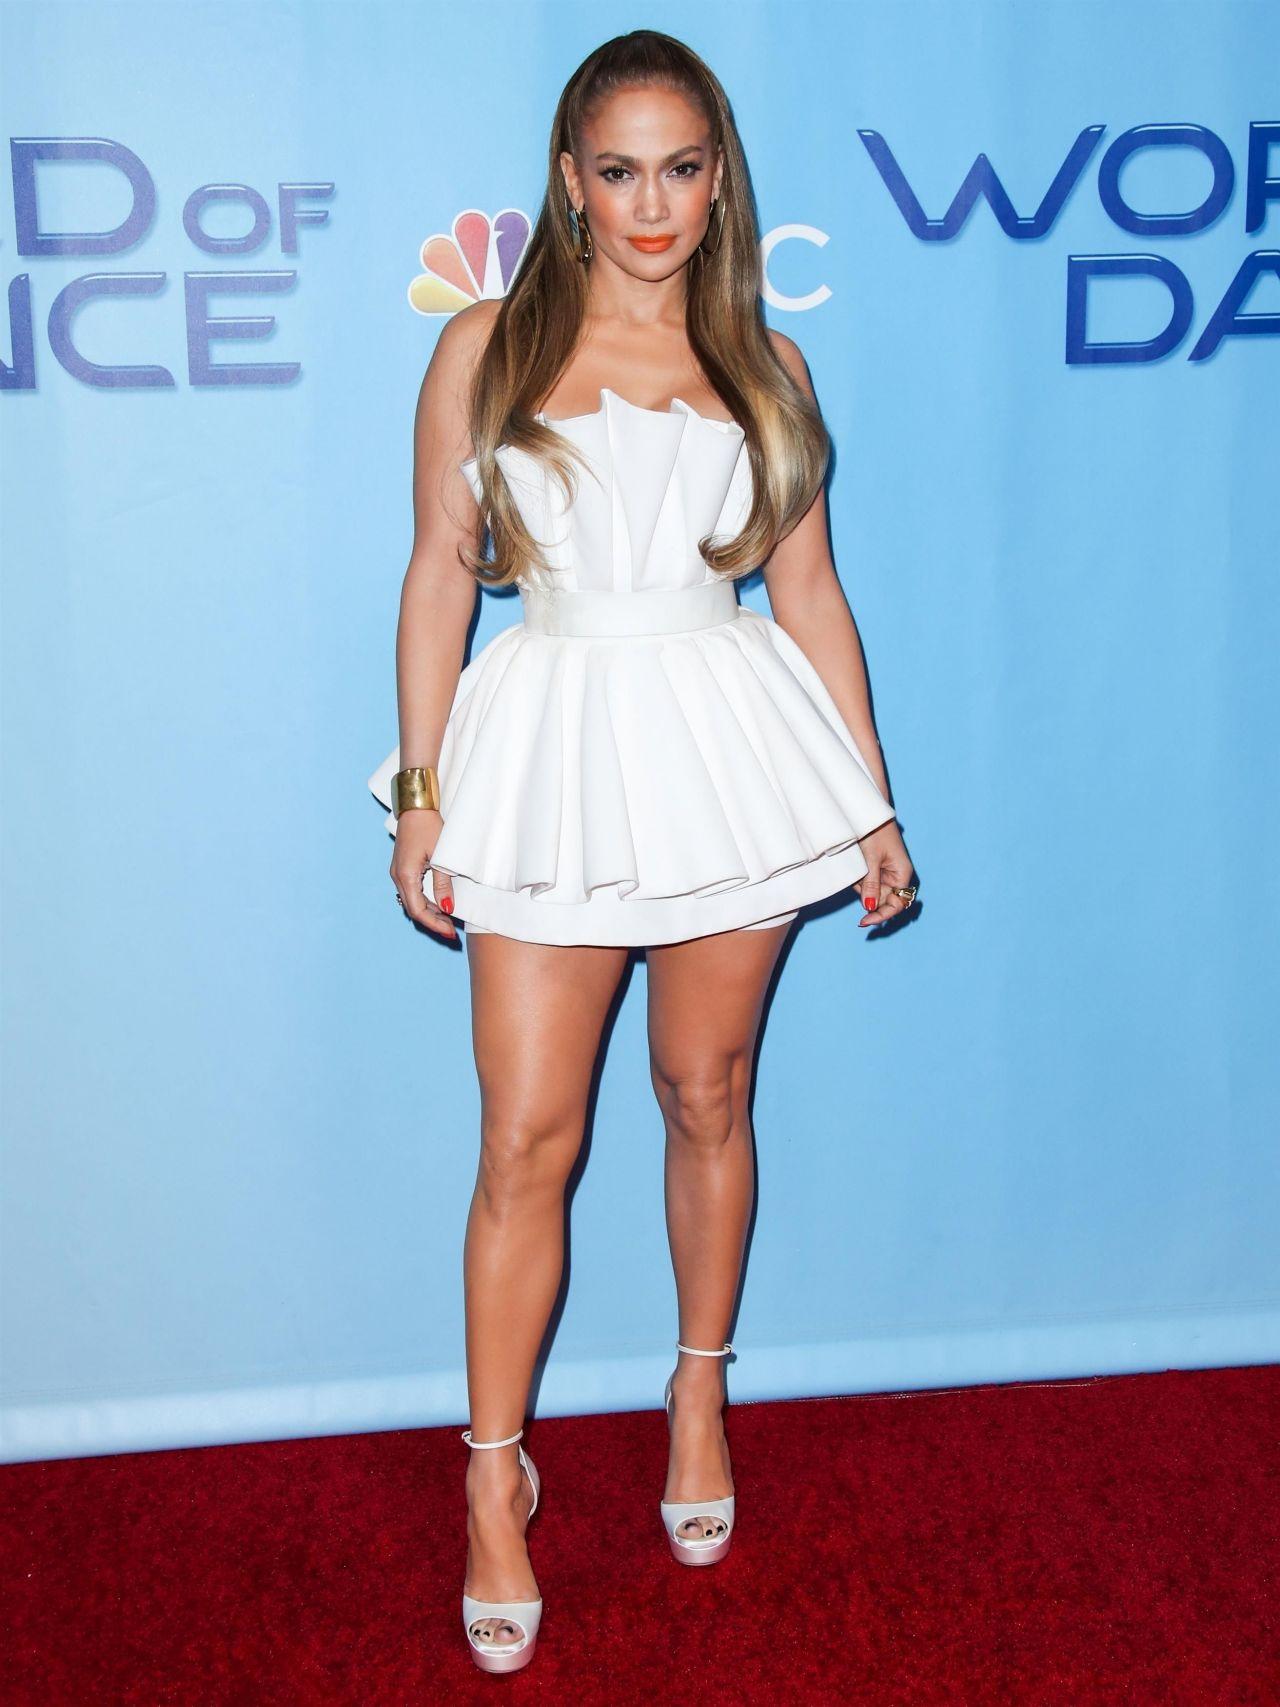 Jennifer Lopez World Of Dance Tv Show Premiere In Los